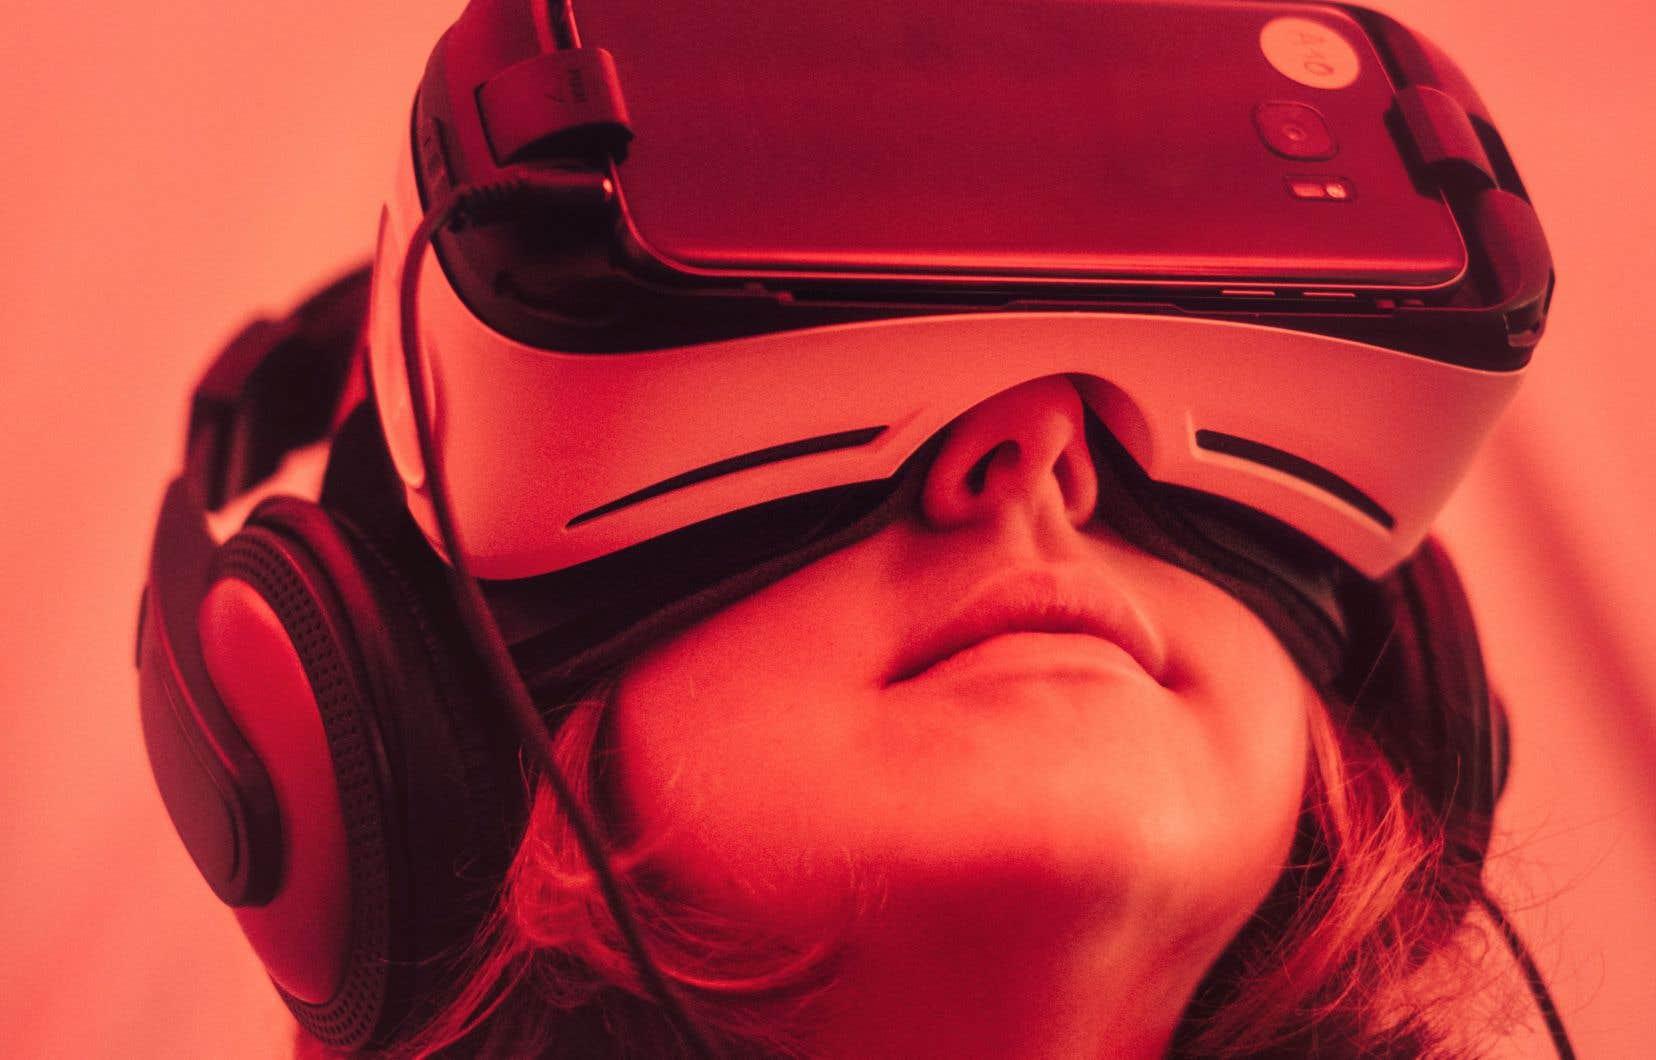 L'attrait général pour l'immersion et l'interactivité motive l'intégration des technologies.